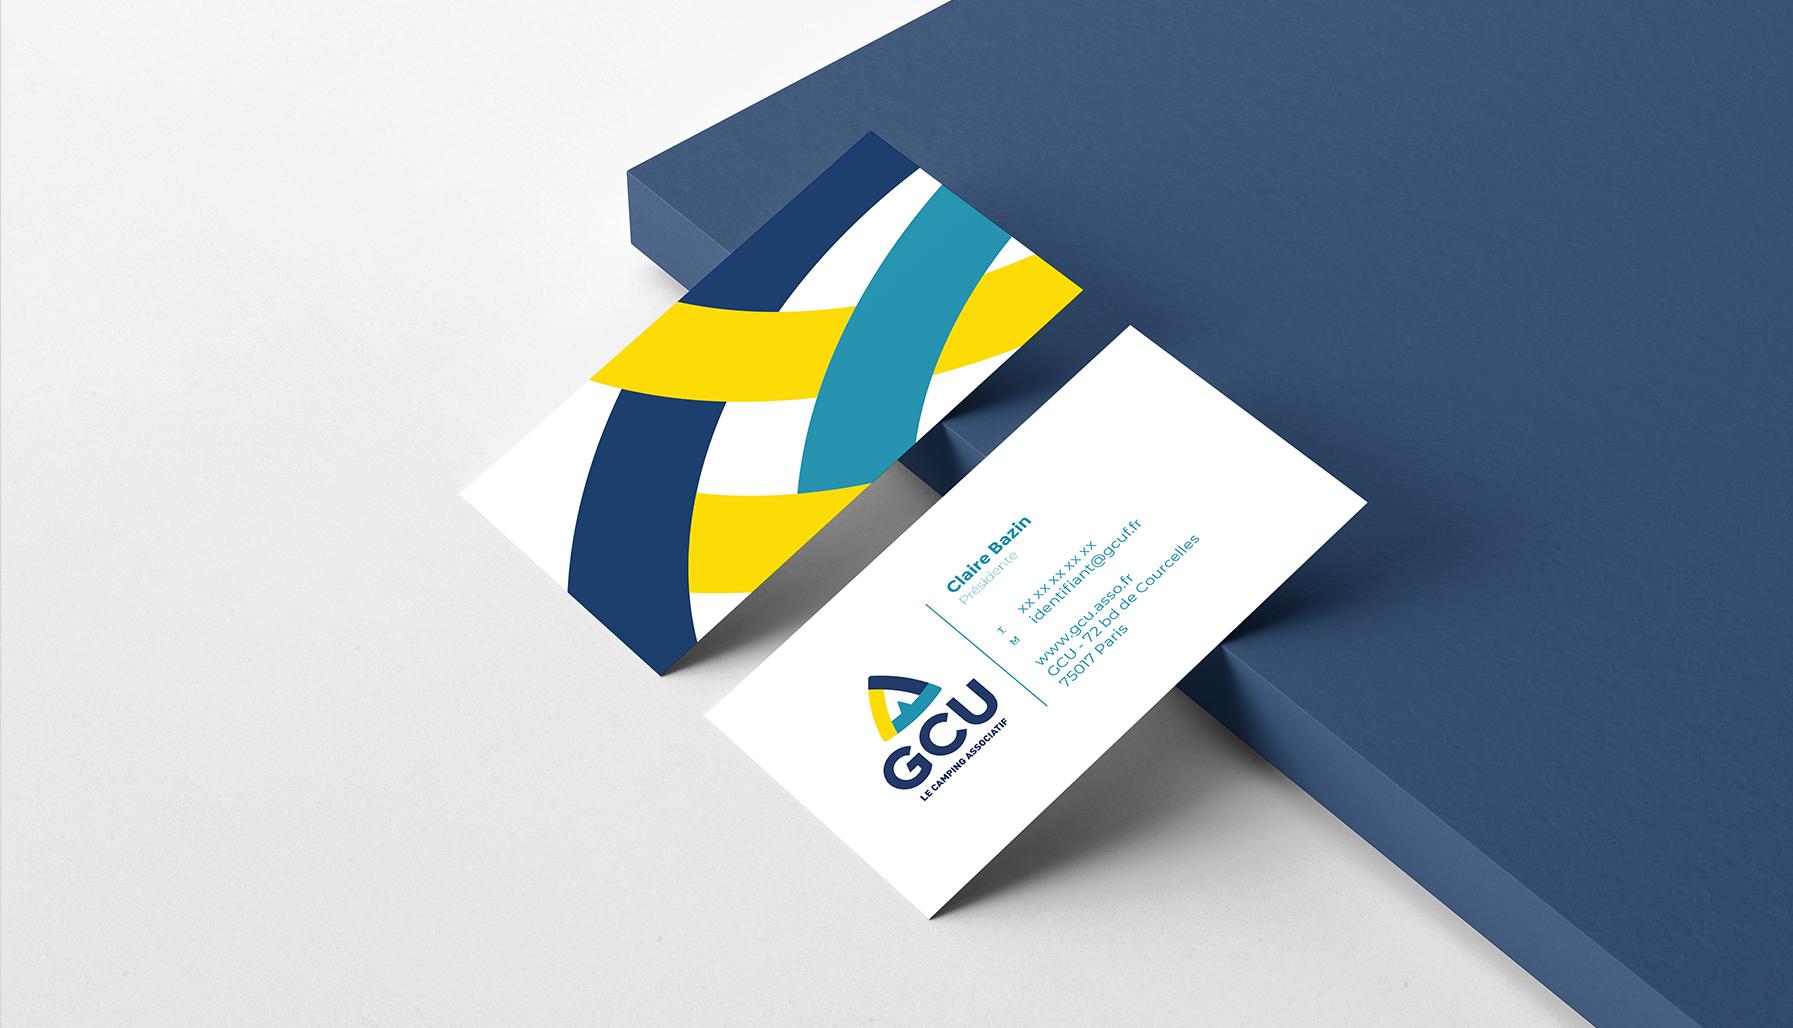 GCU_CDV00